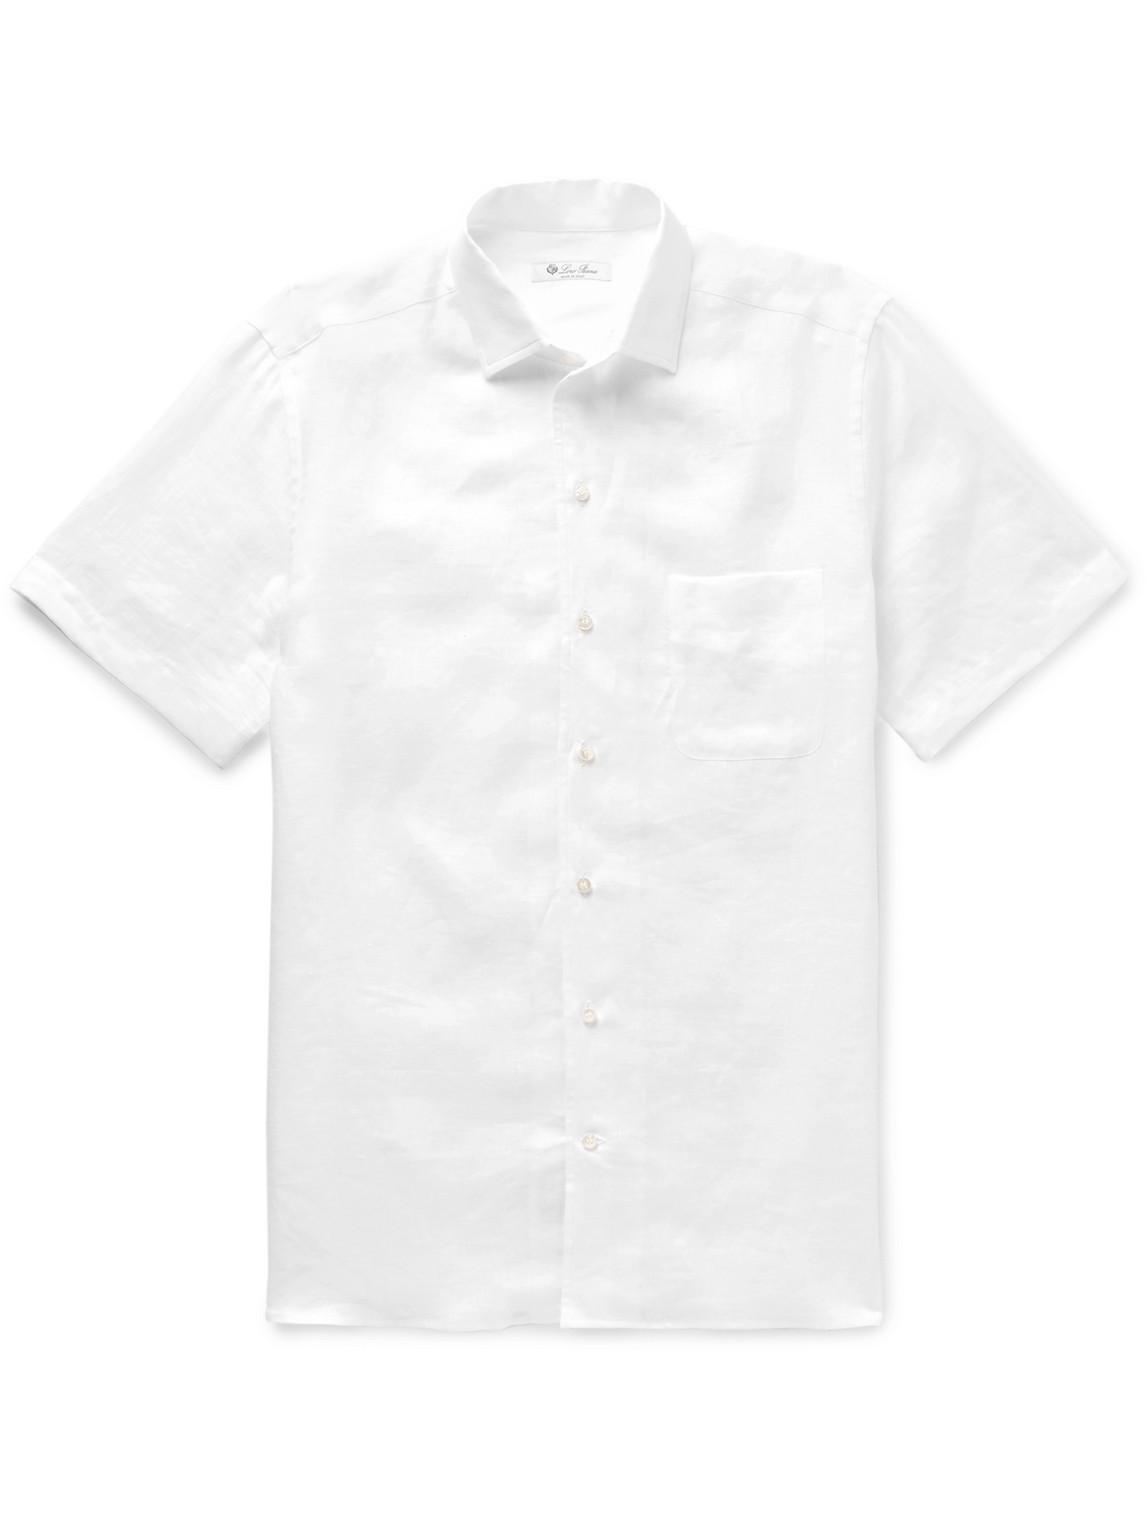 loro piana - paul linen shirt - men - white - s